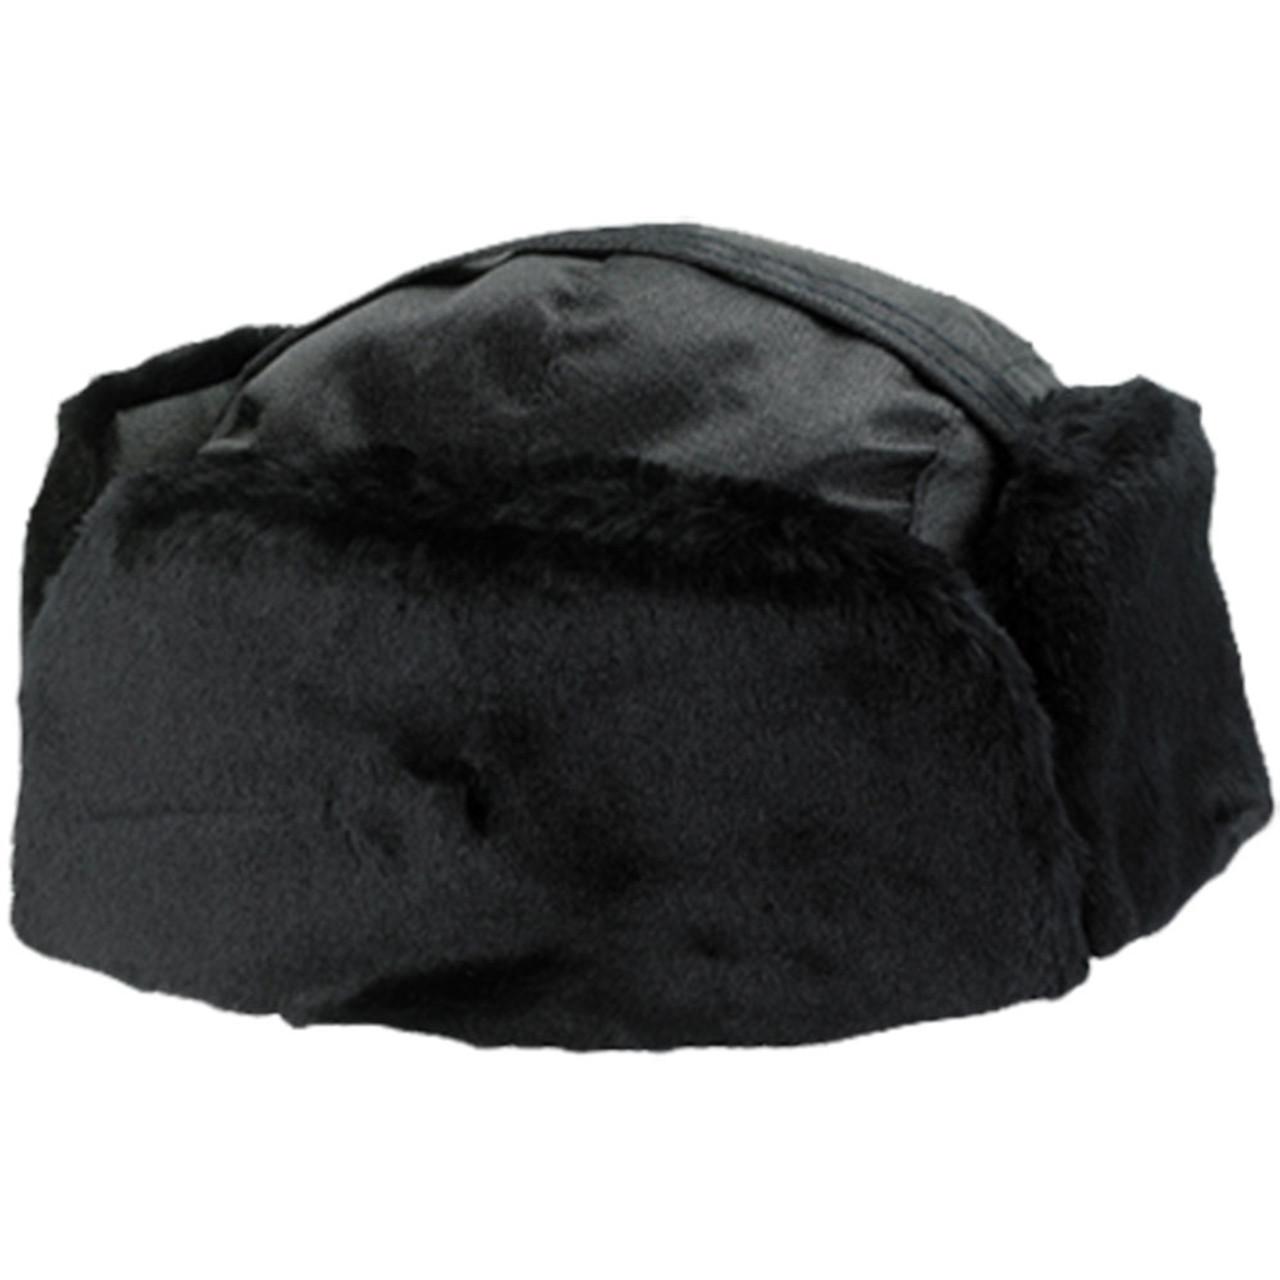 6ccbc549545 Alboum Fur Nylon Winter Hat - Atlantic Tactical Inc